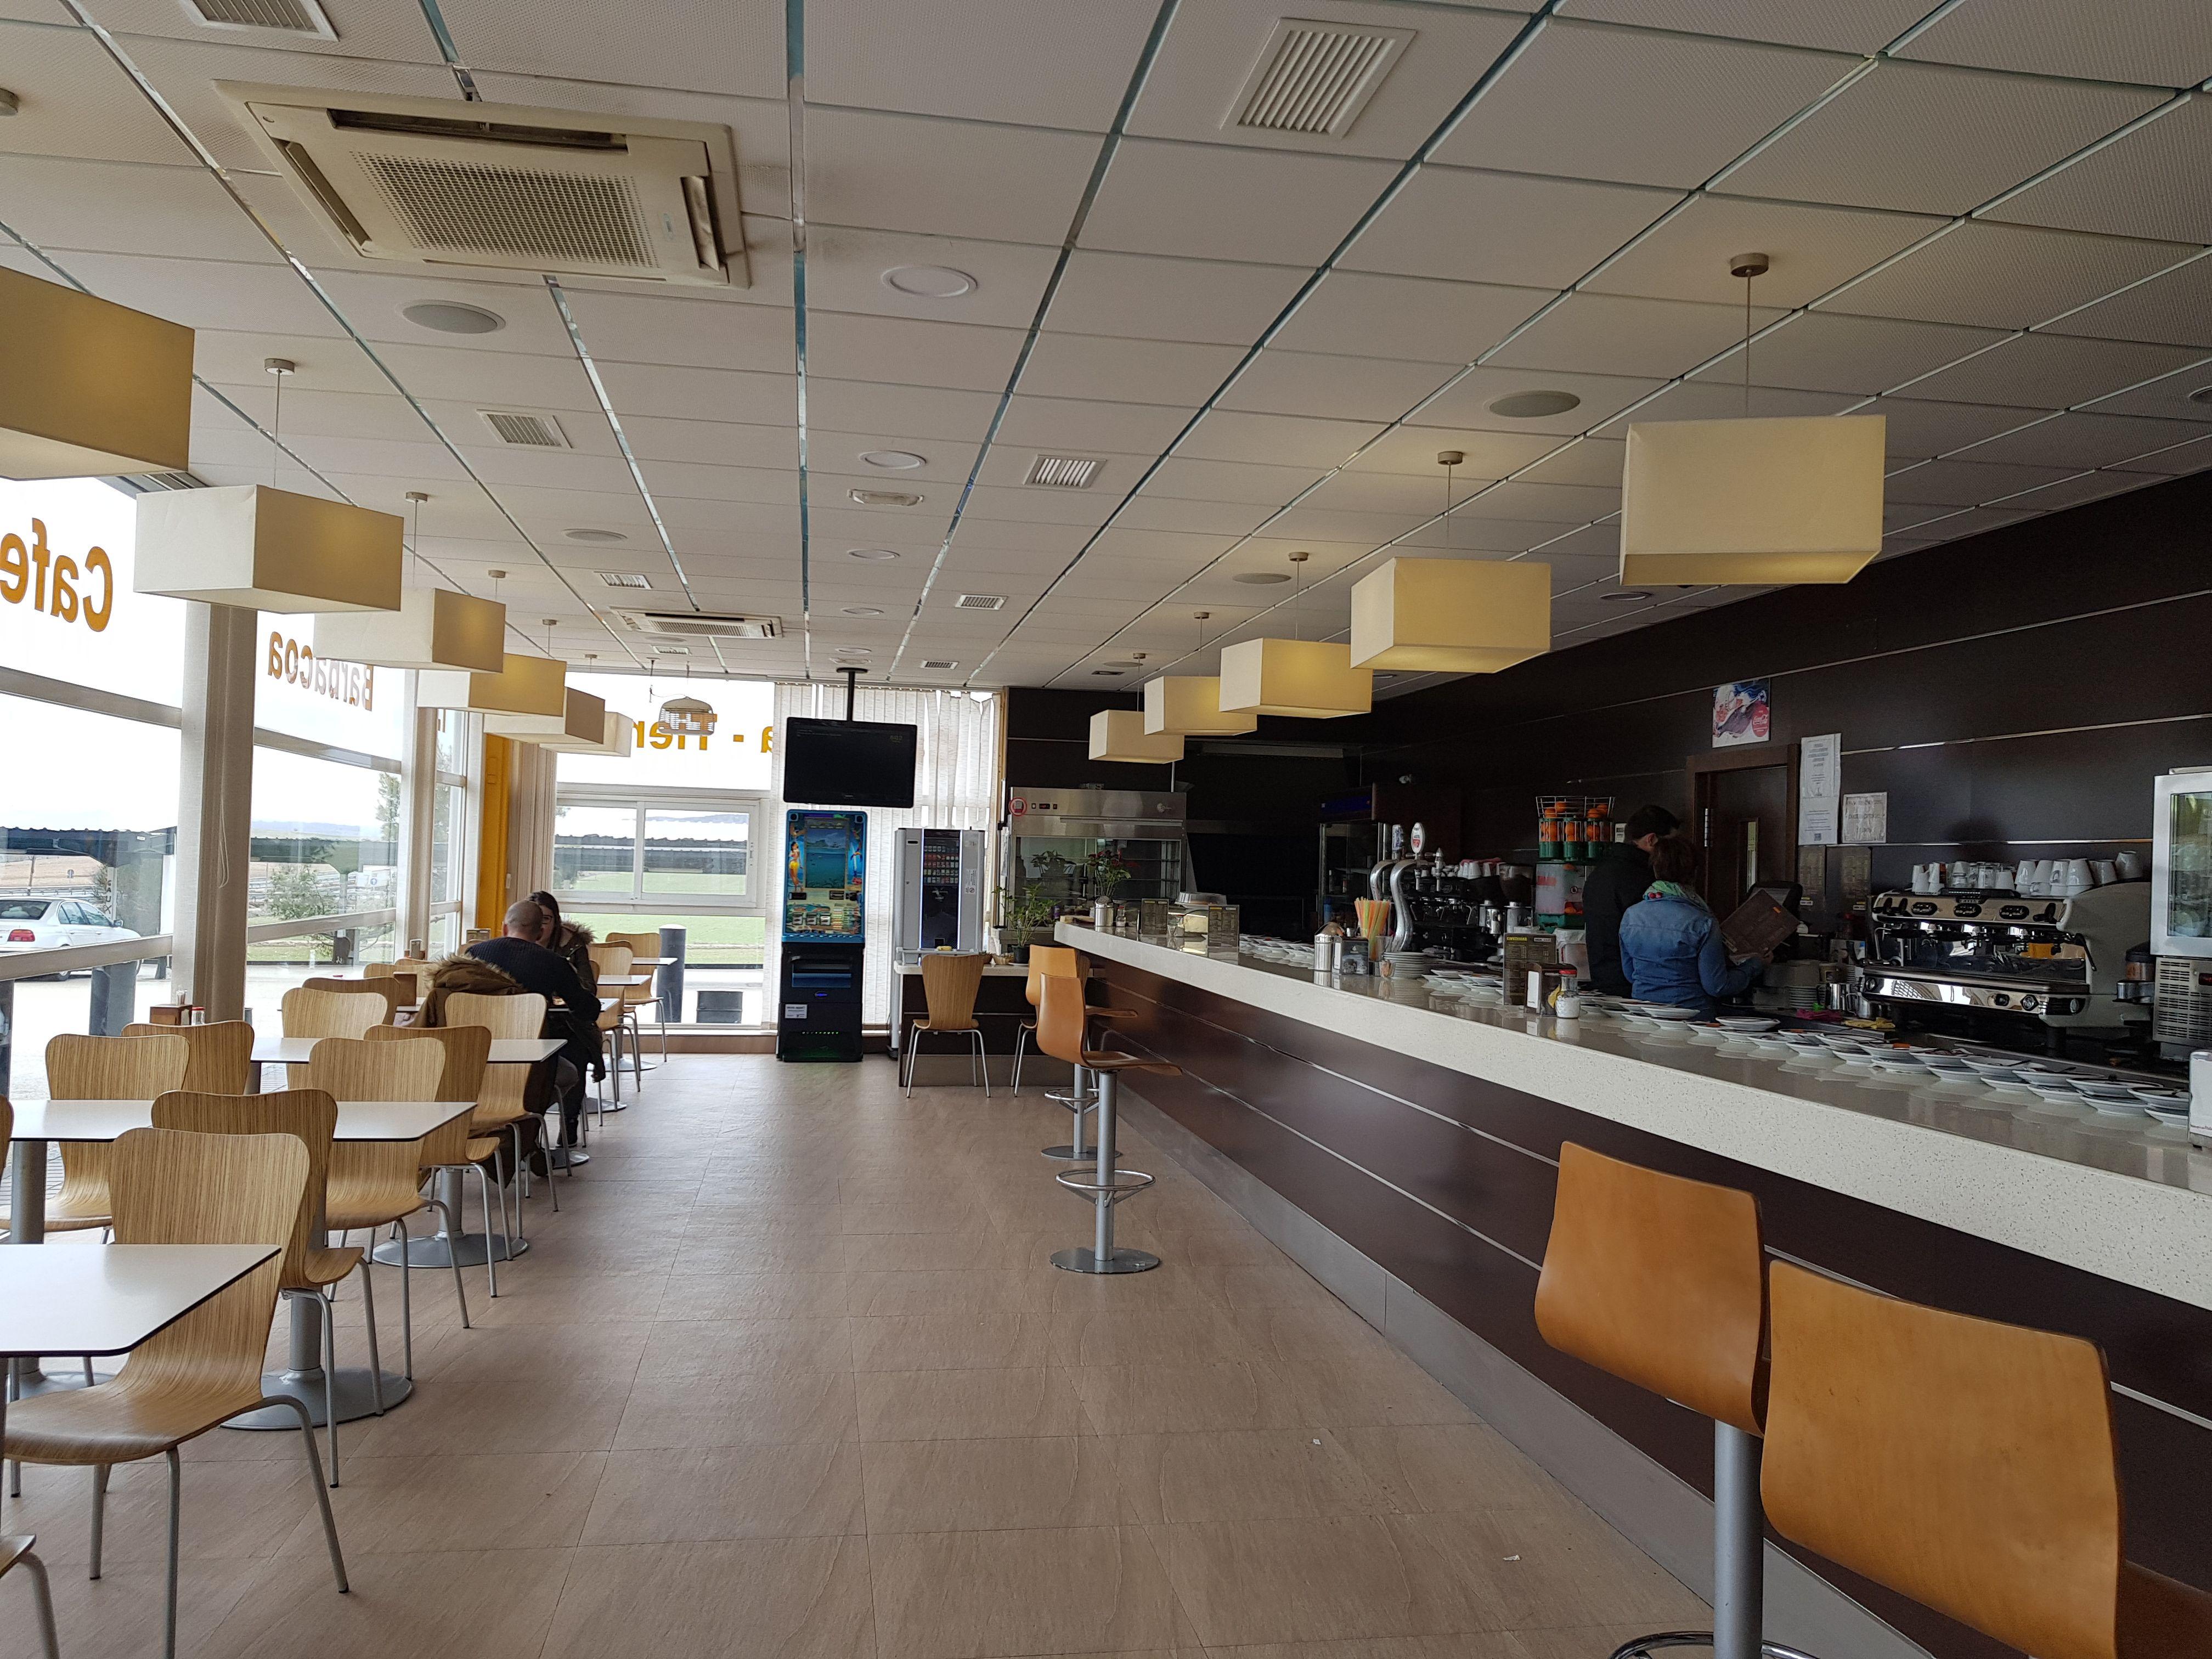 Estación de servicio con cafetería las 24 horas en Montalbo